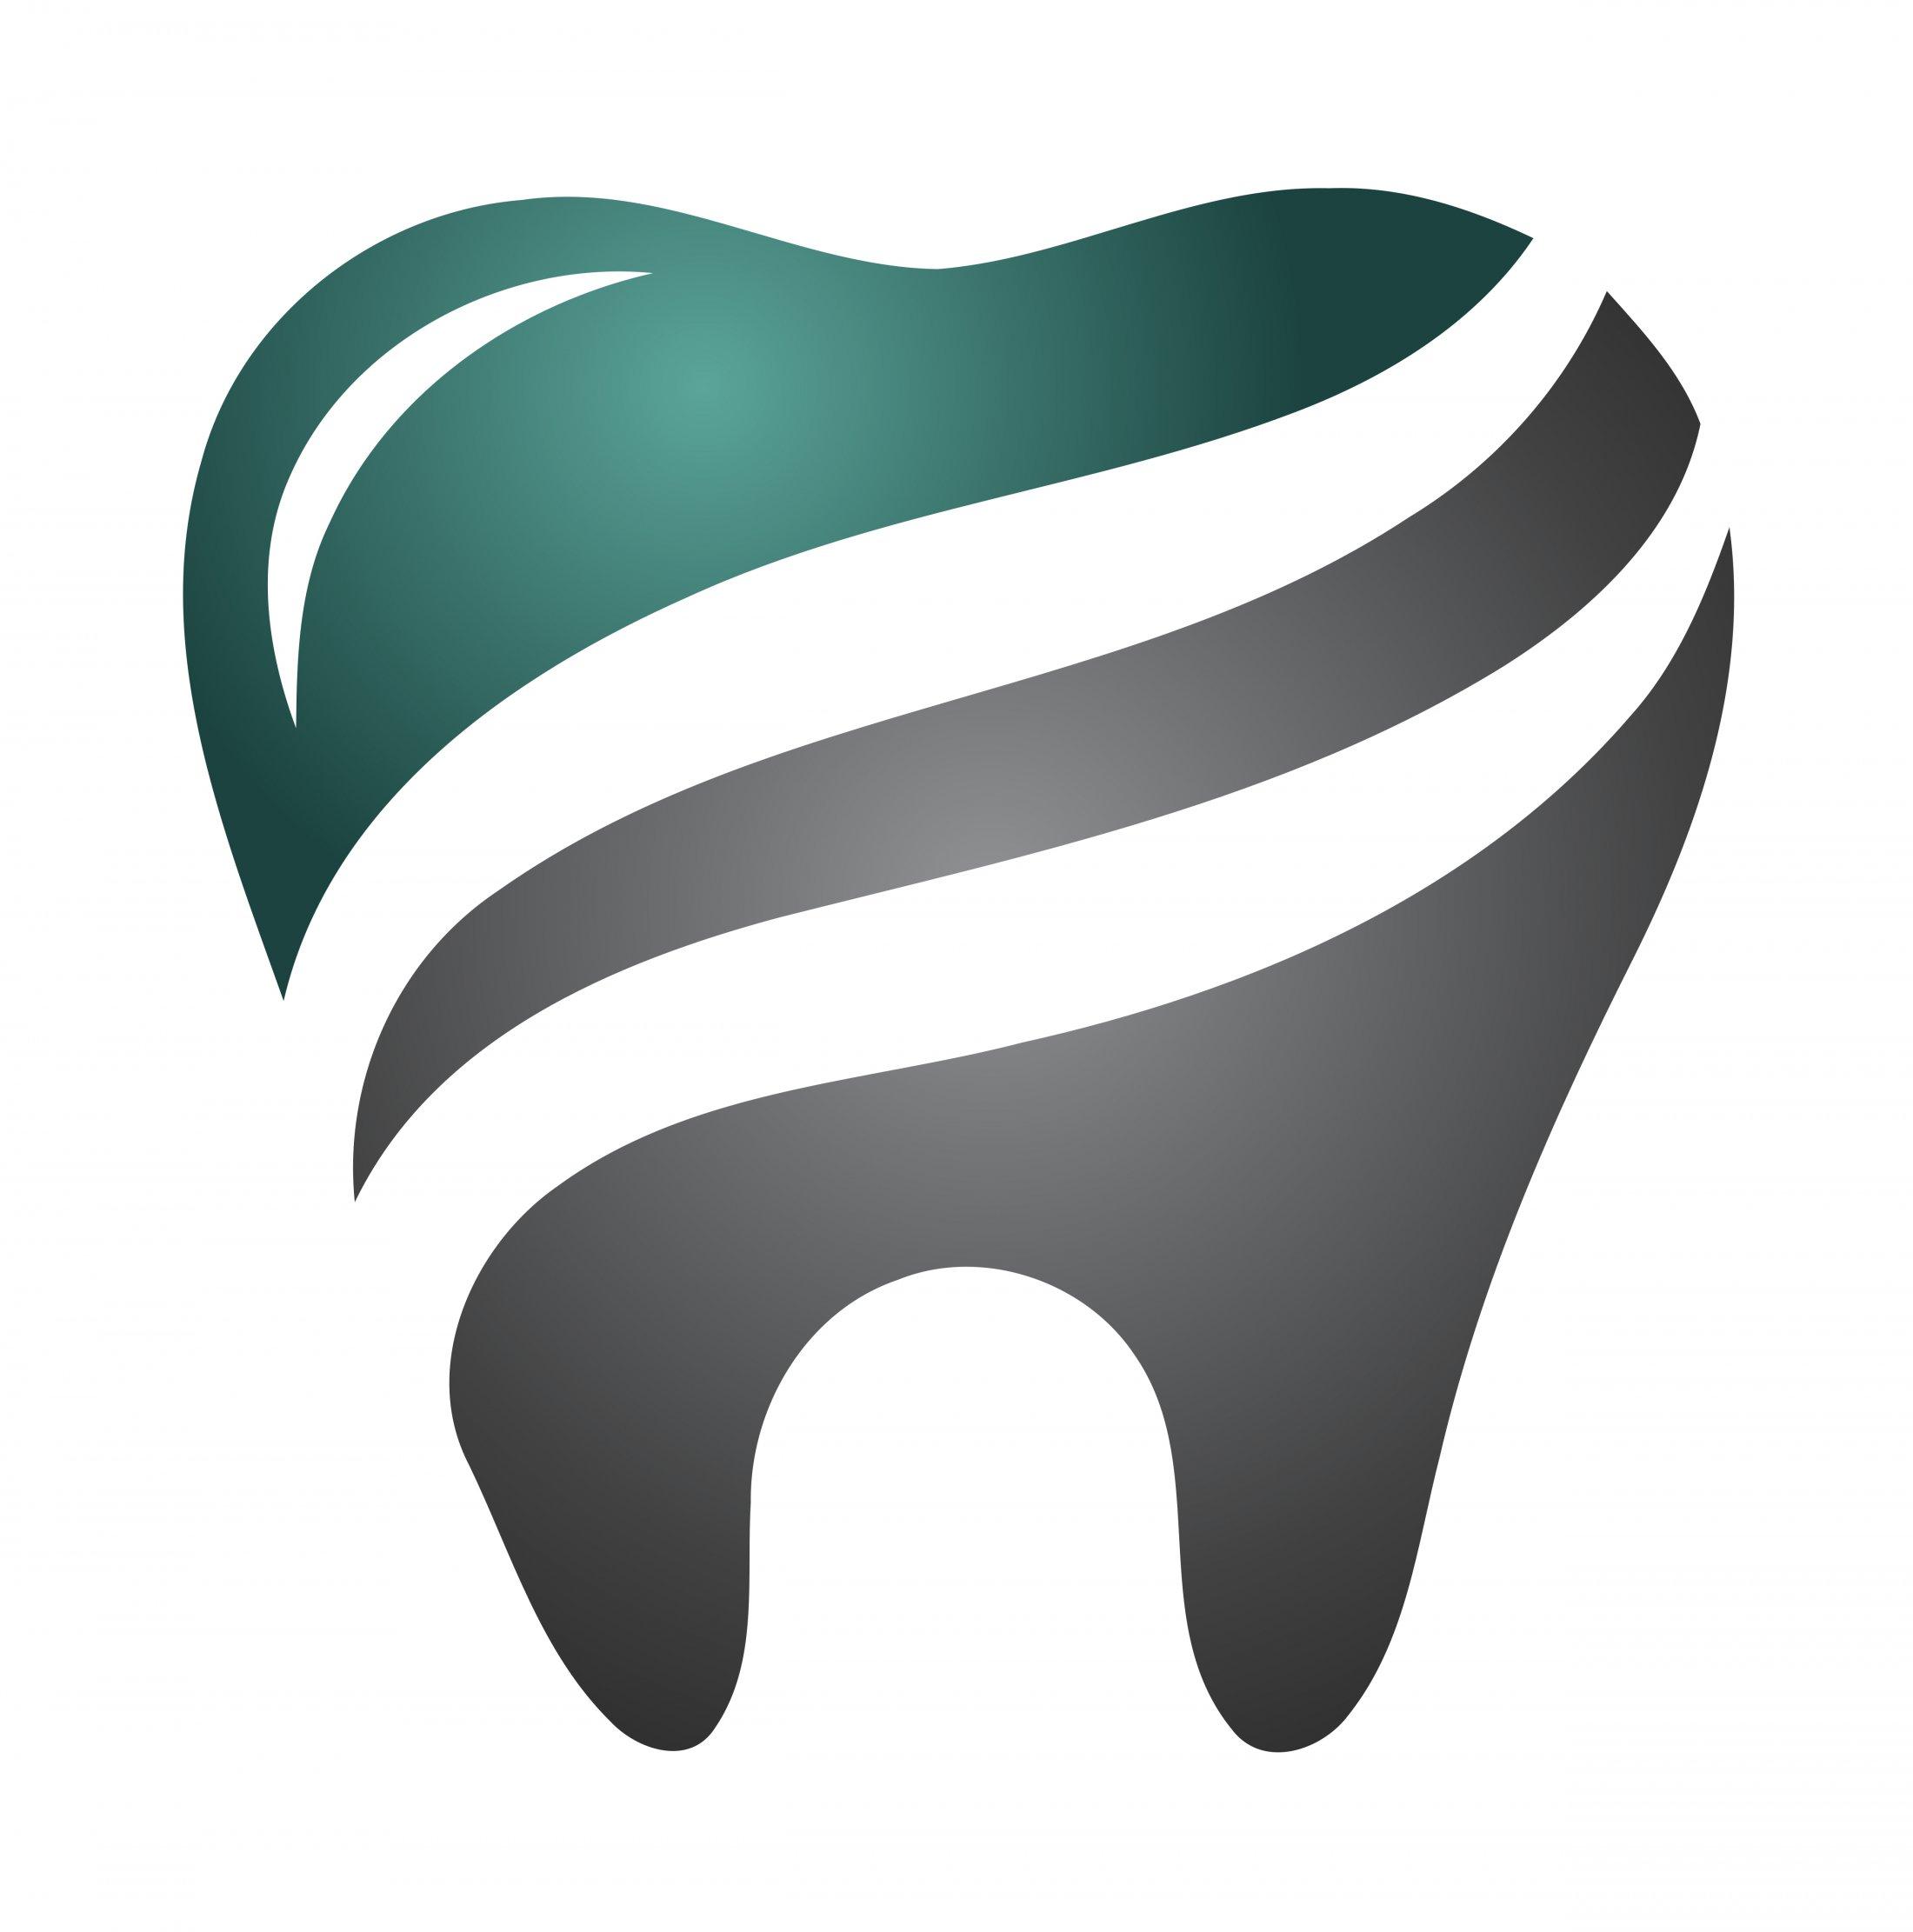 tooth logo clip art - photo #11